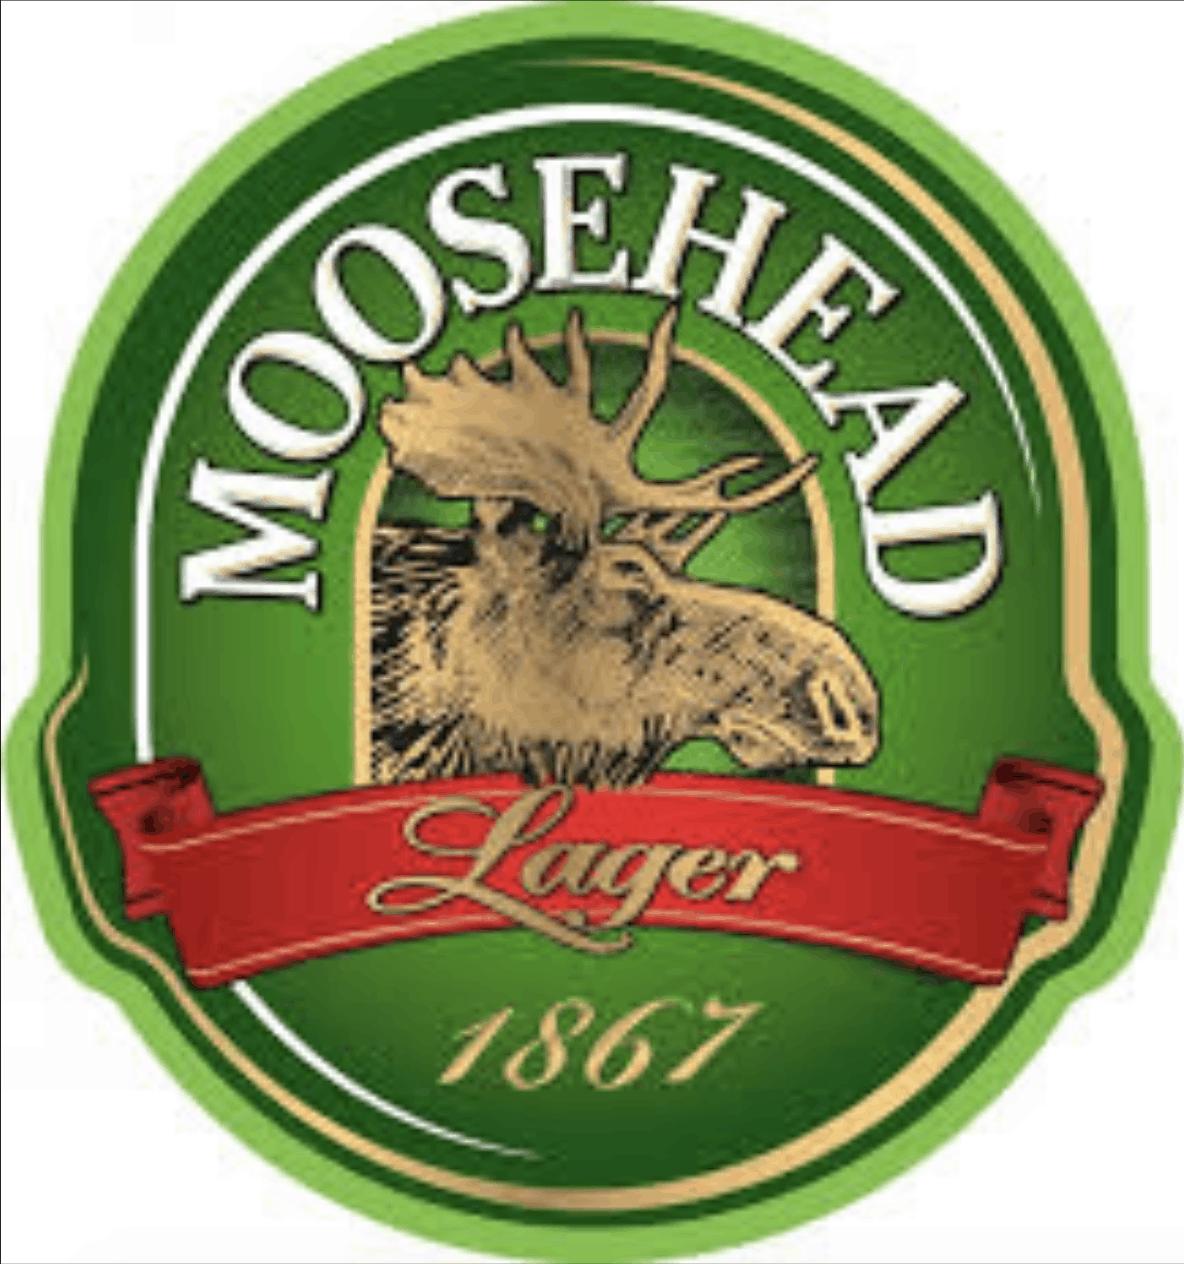 Vintage logo - Moosehead